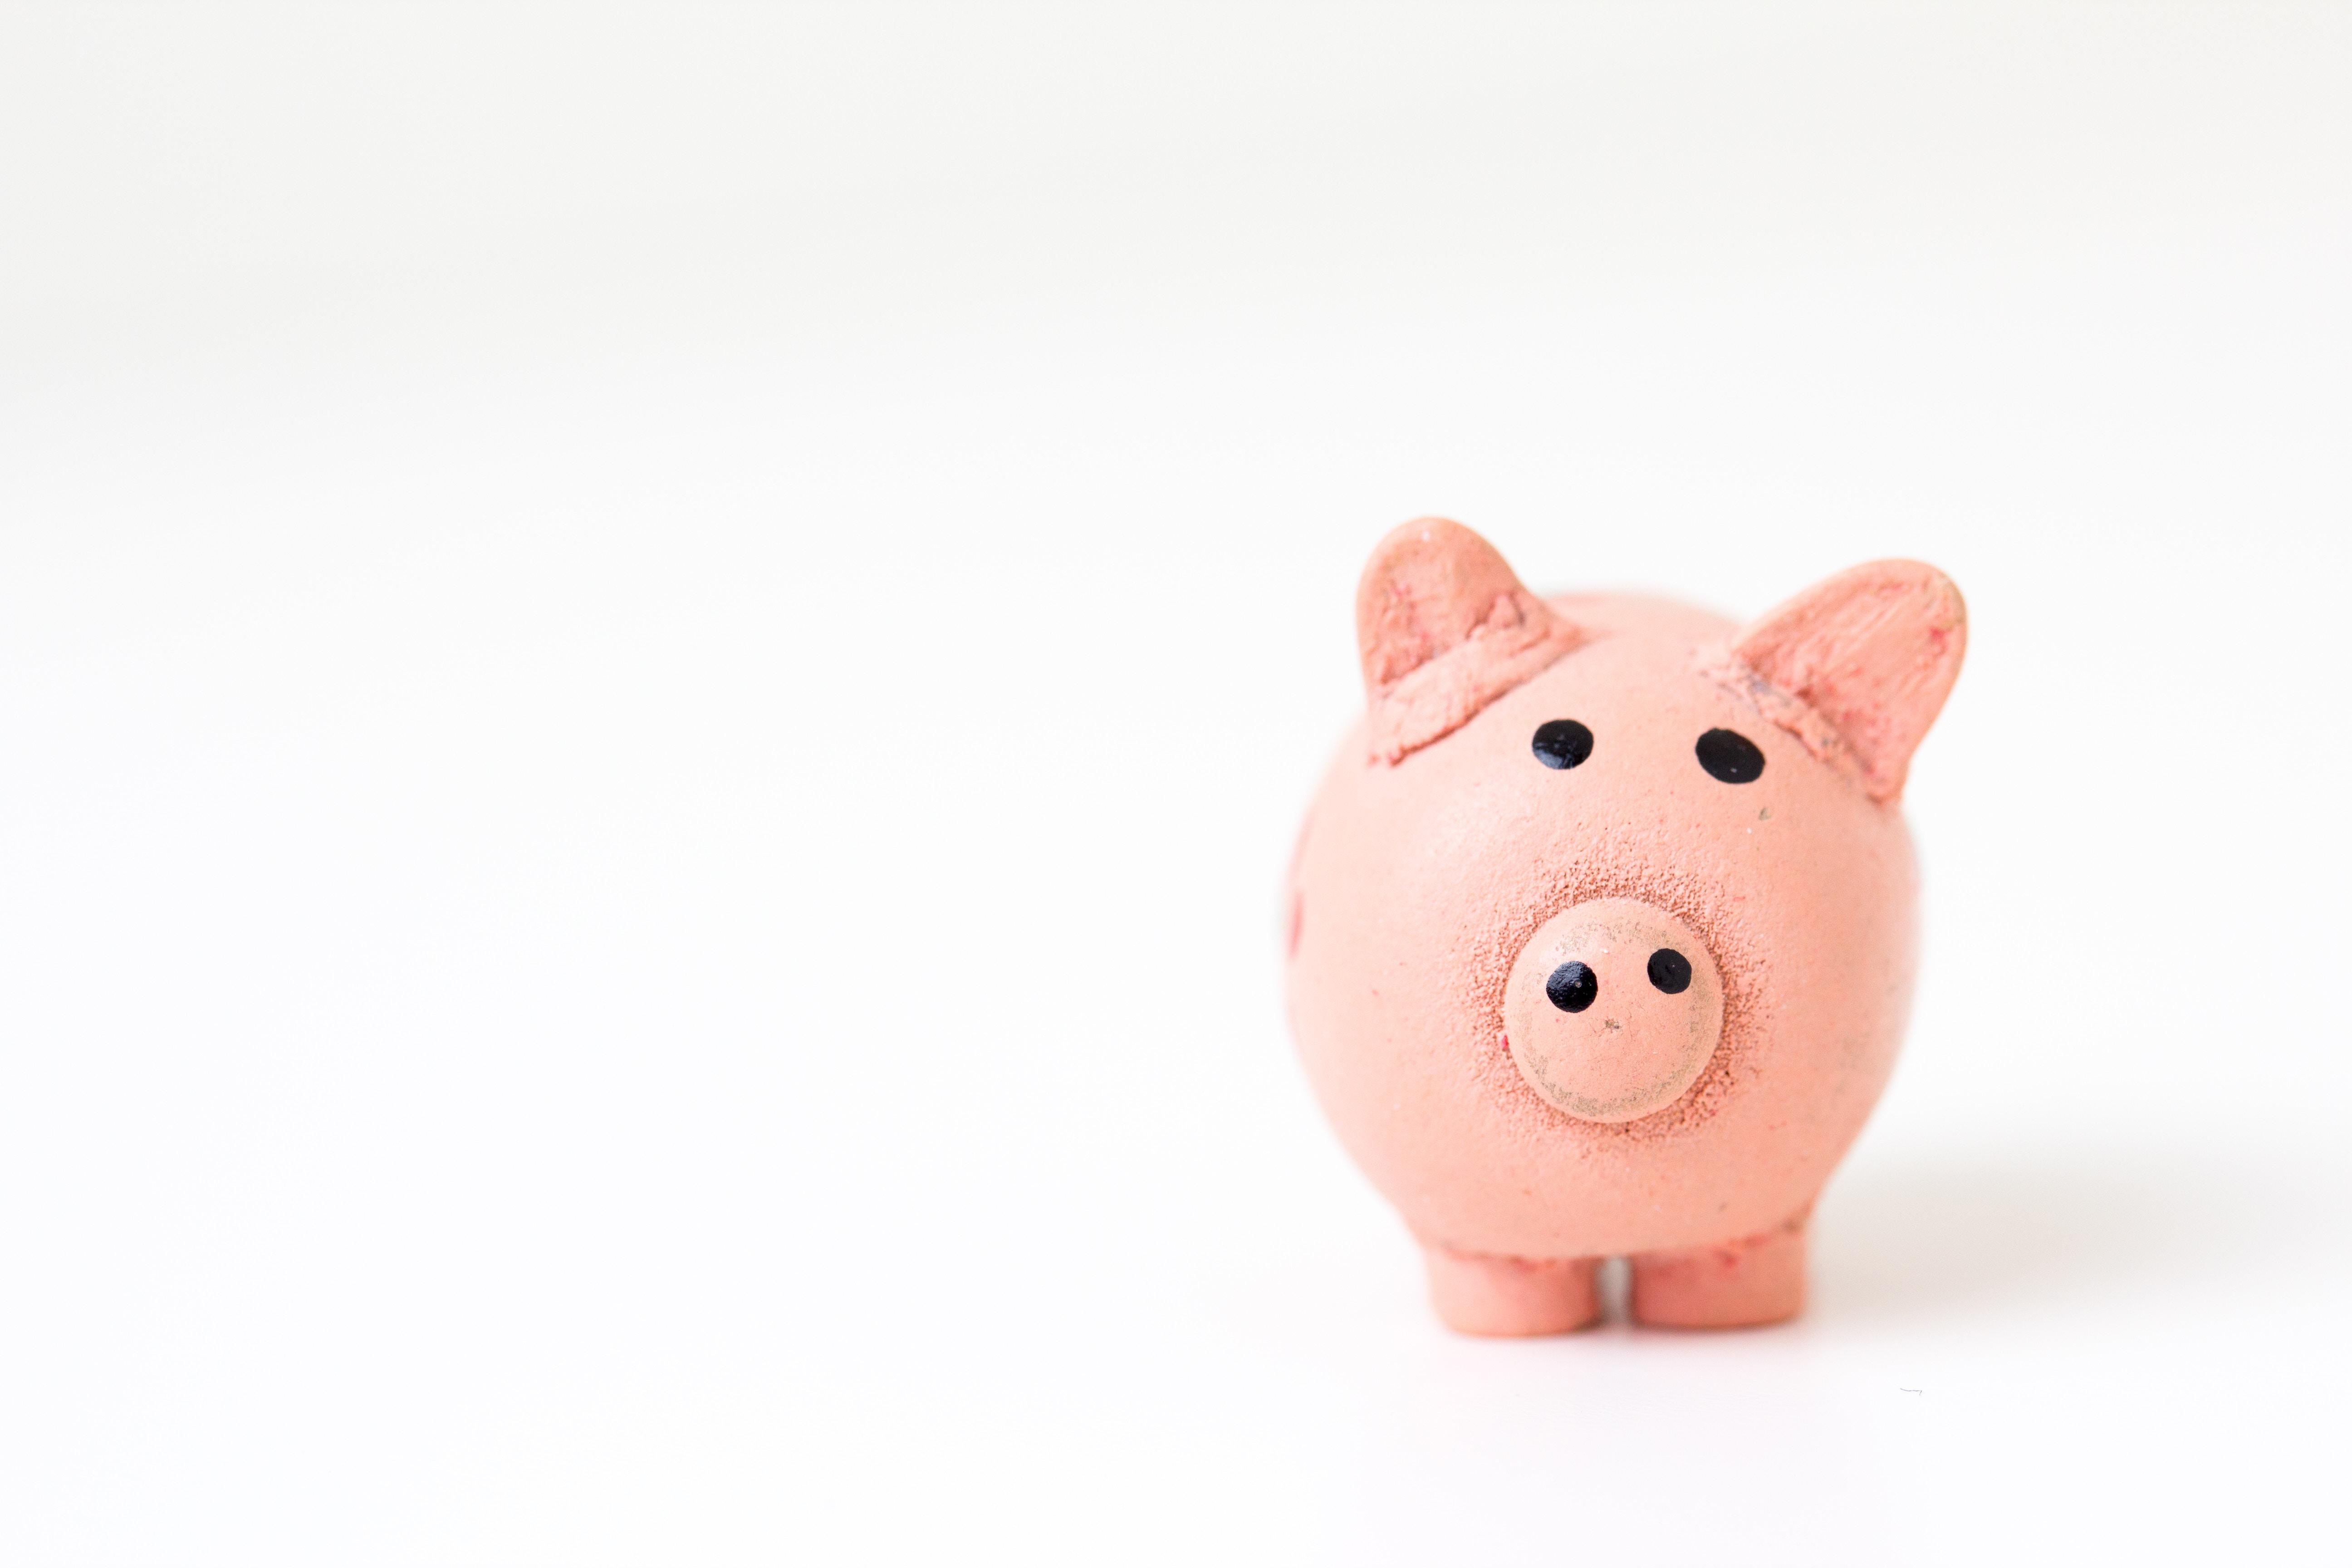 planejamento finaceiro